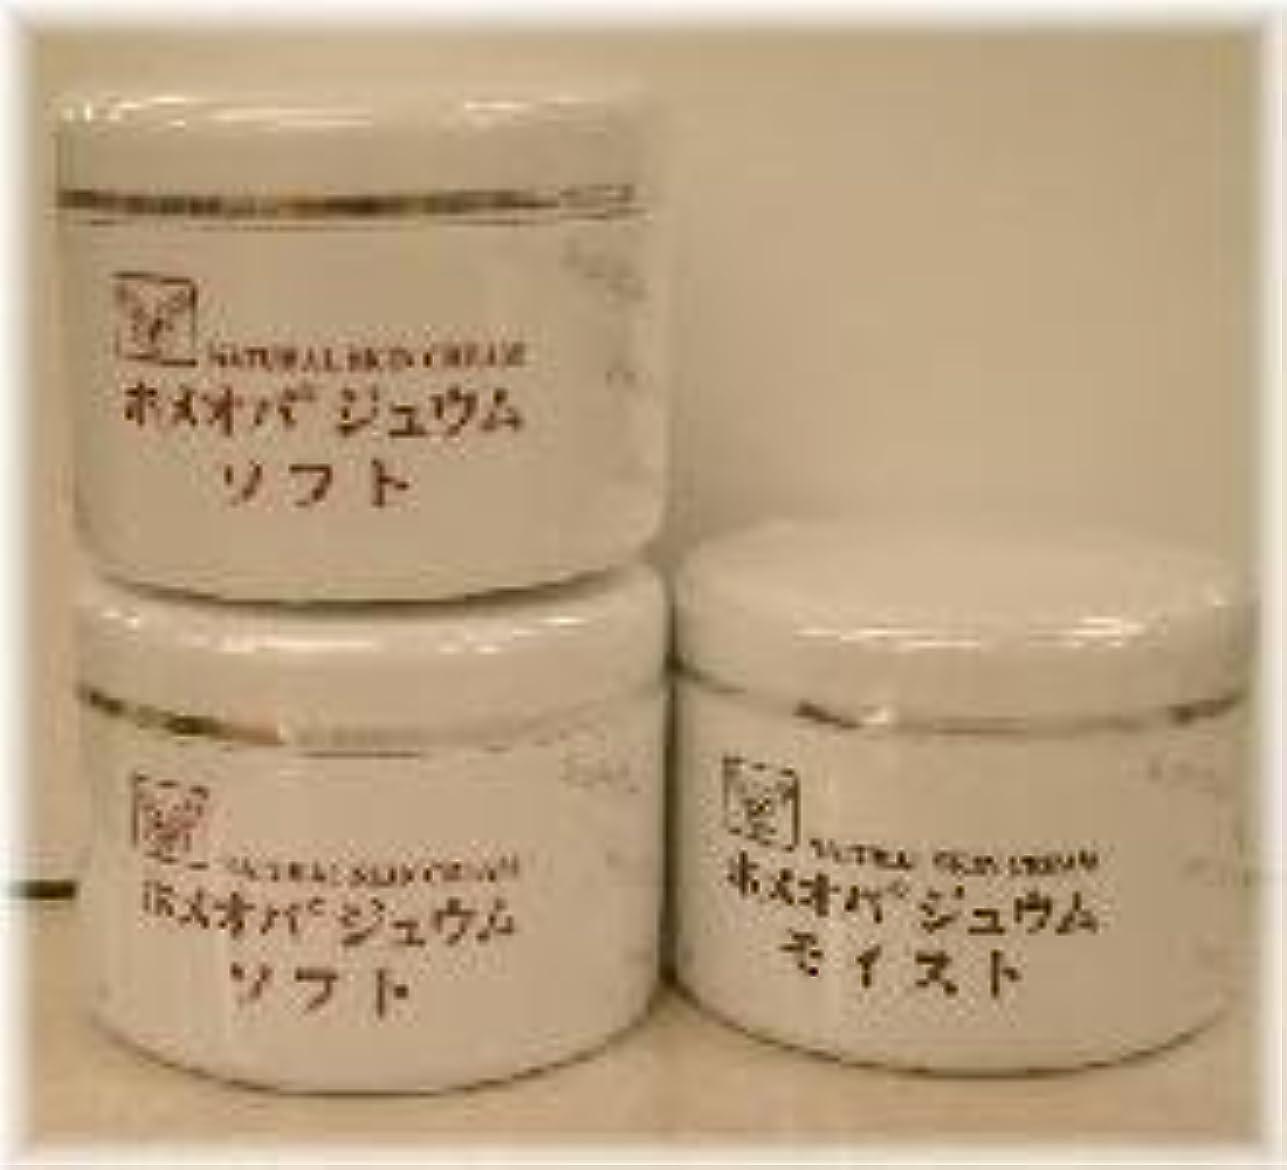 正午悪名高い有効なホメオパジュウム スキンケア商品3点 ¥10500クリームソフト2個+クリームモイスト